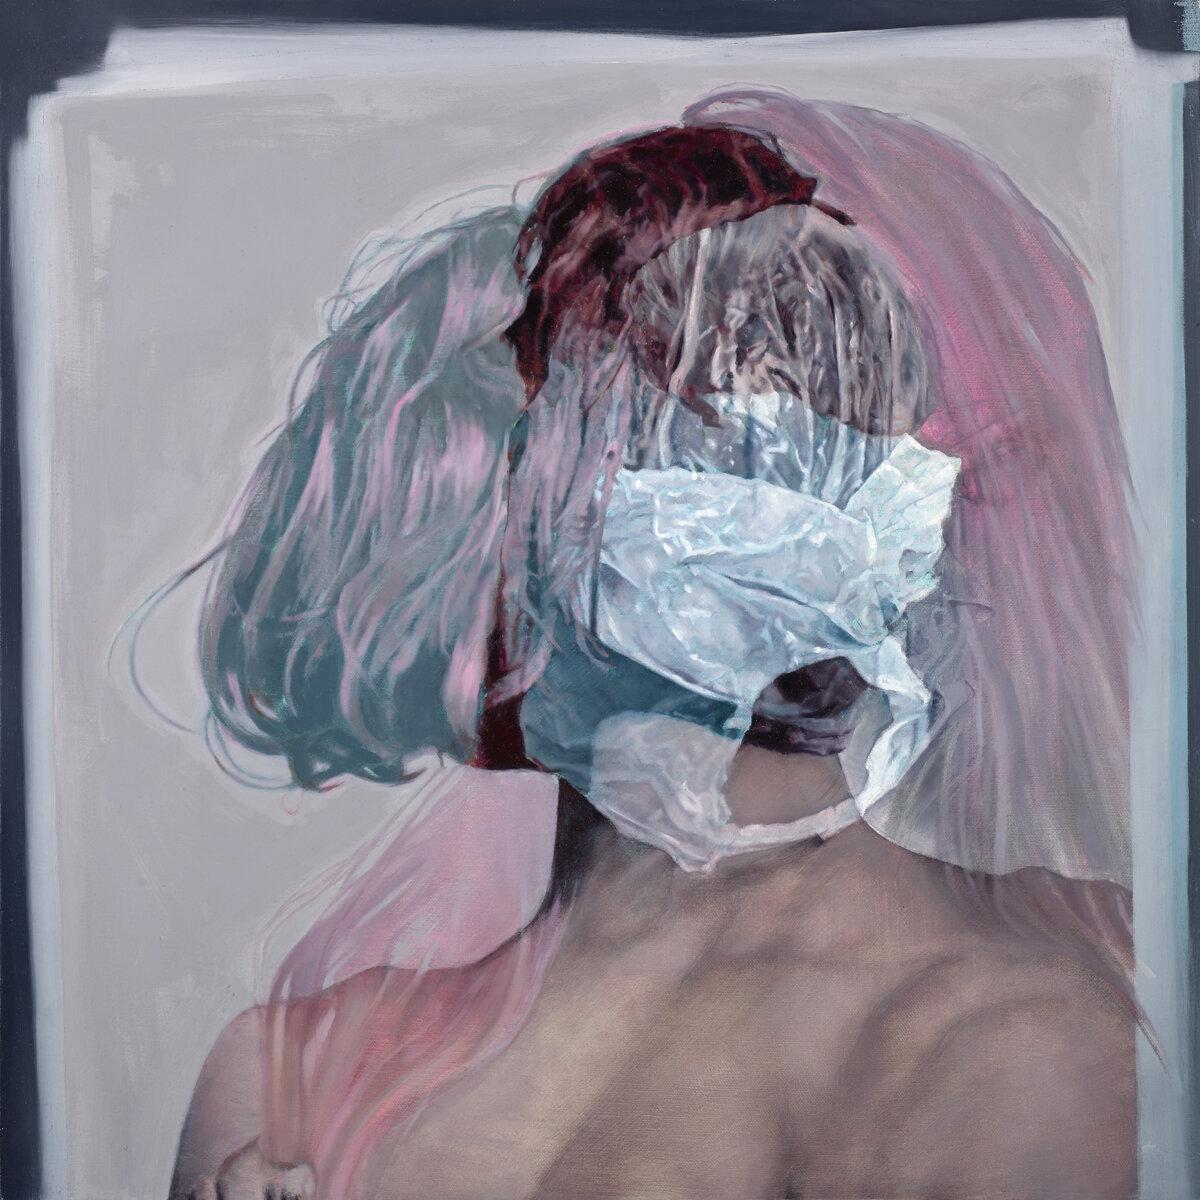 Solo Show, Backdrop - Zara Monet Feeney